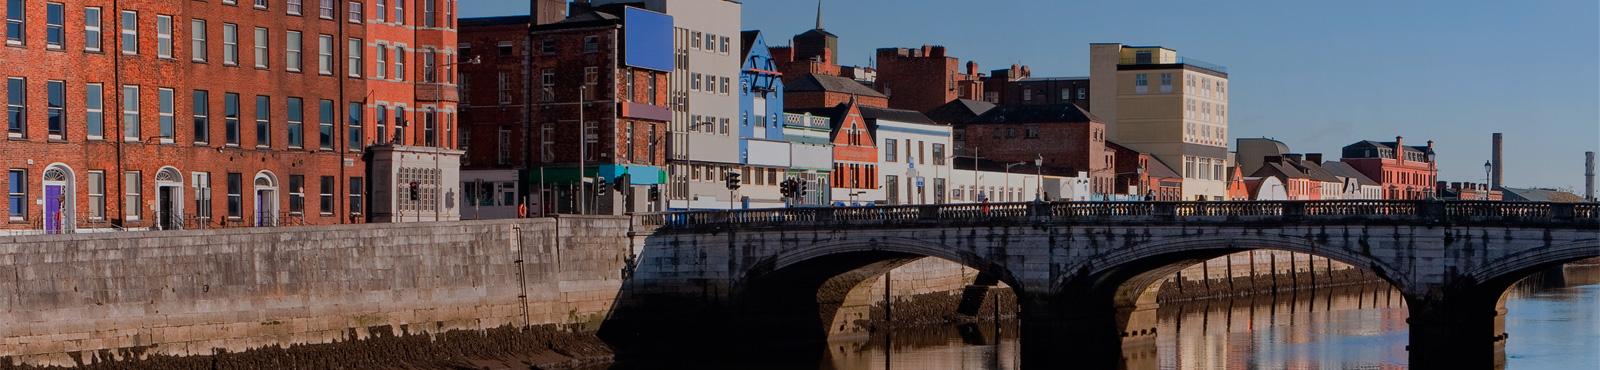 BANNER 4 Semanas em Dublin – Calicultural